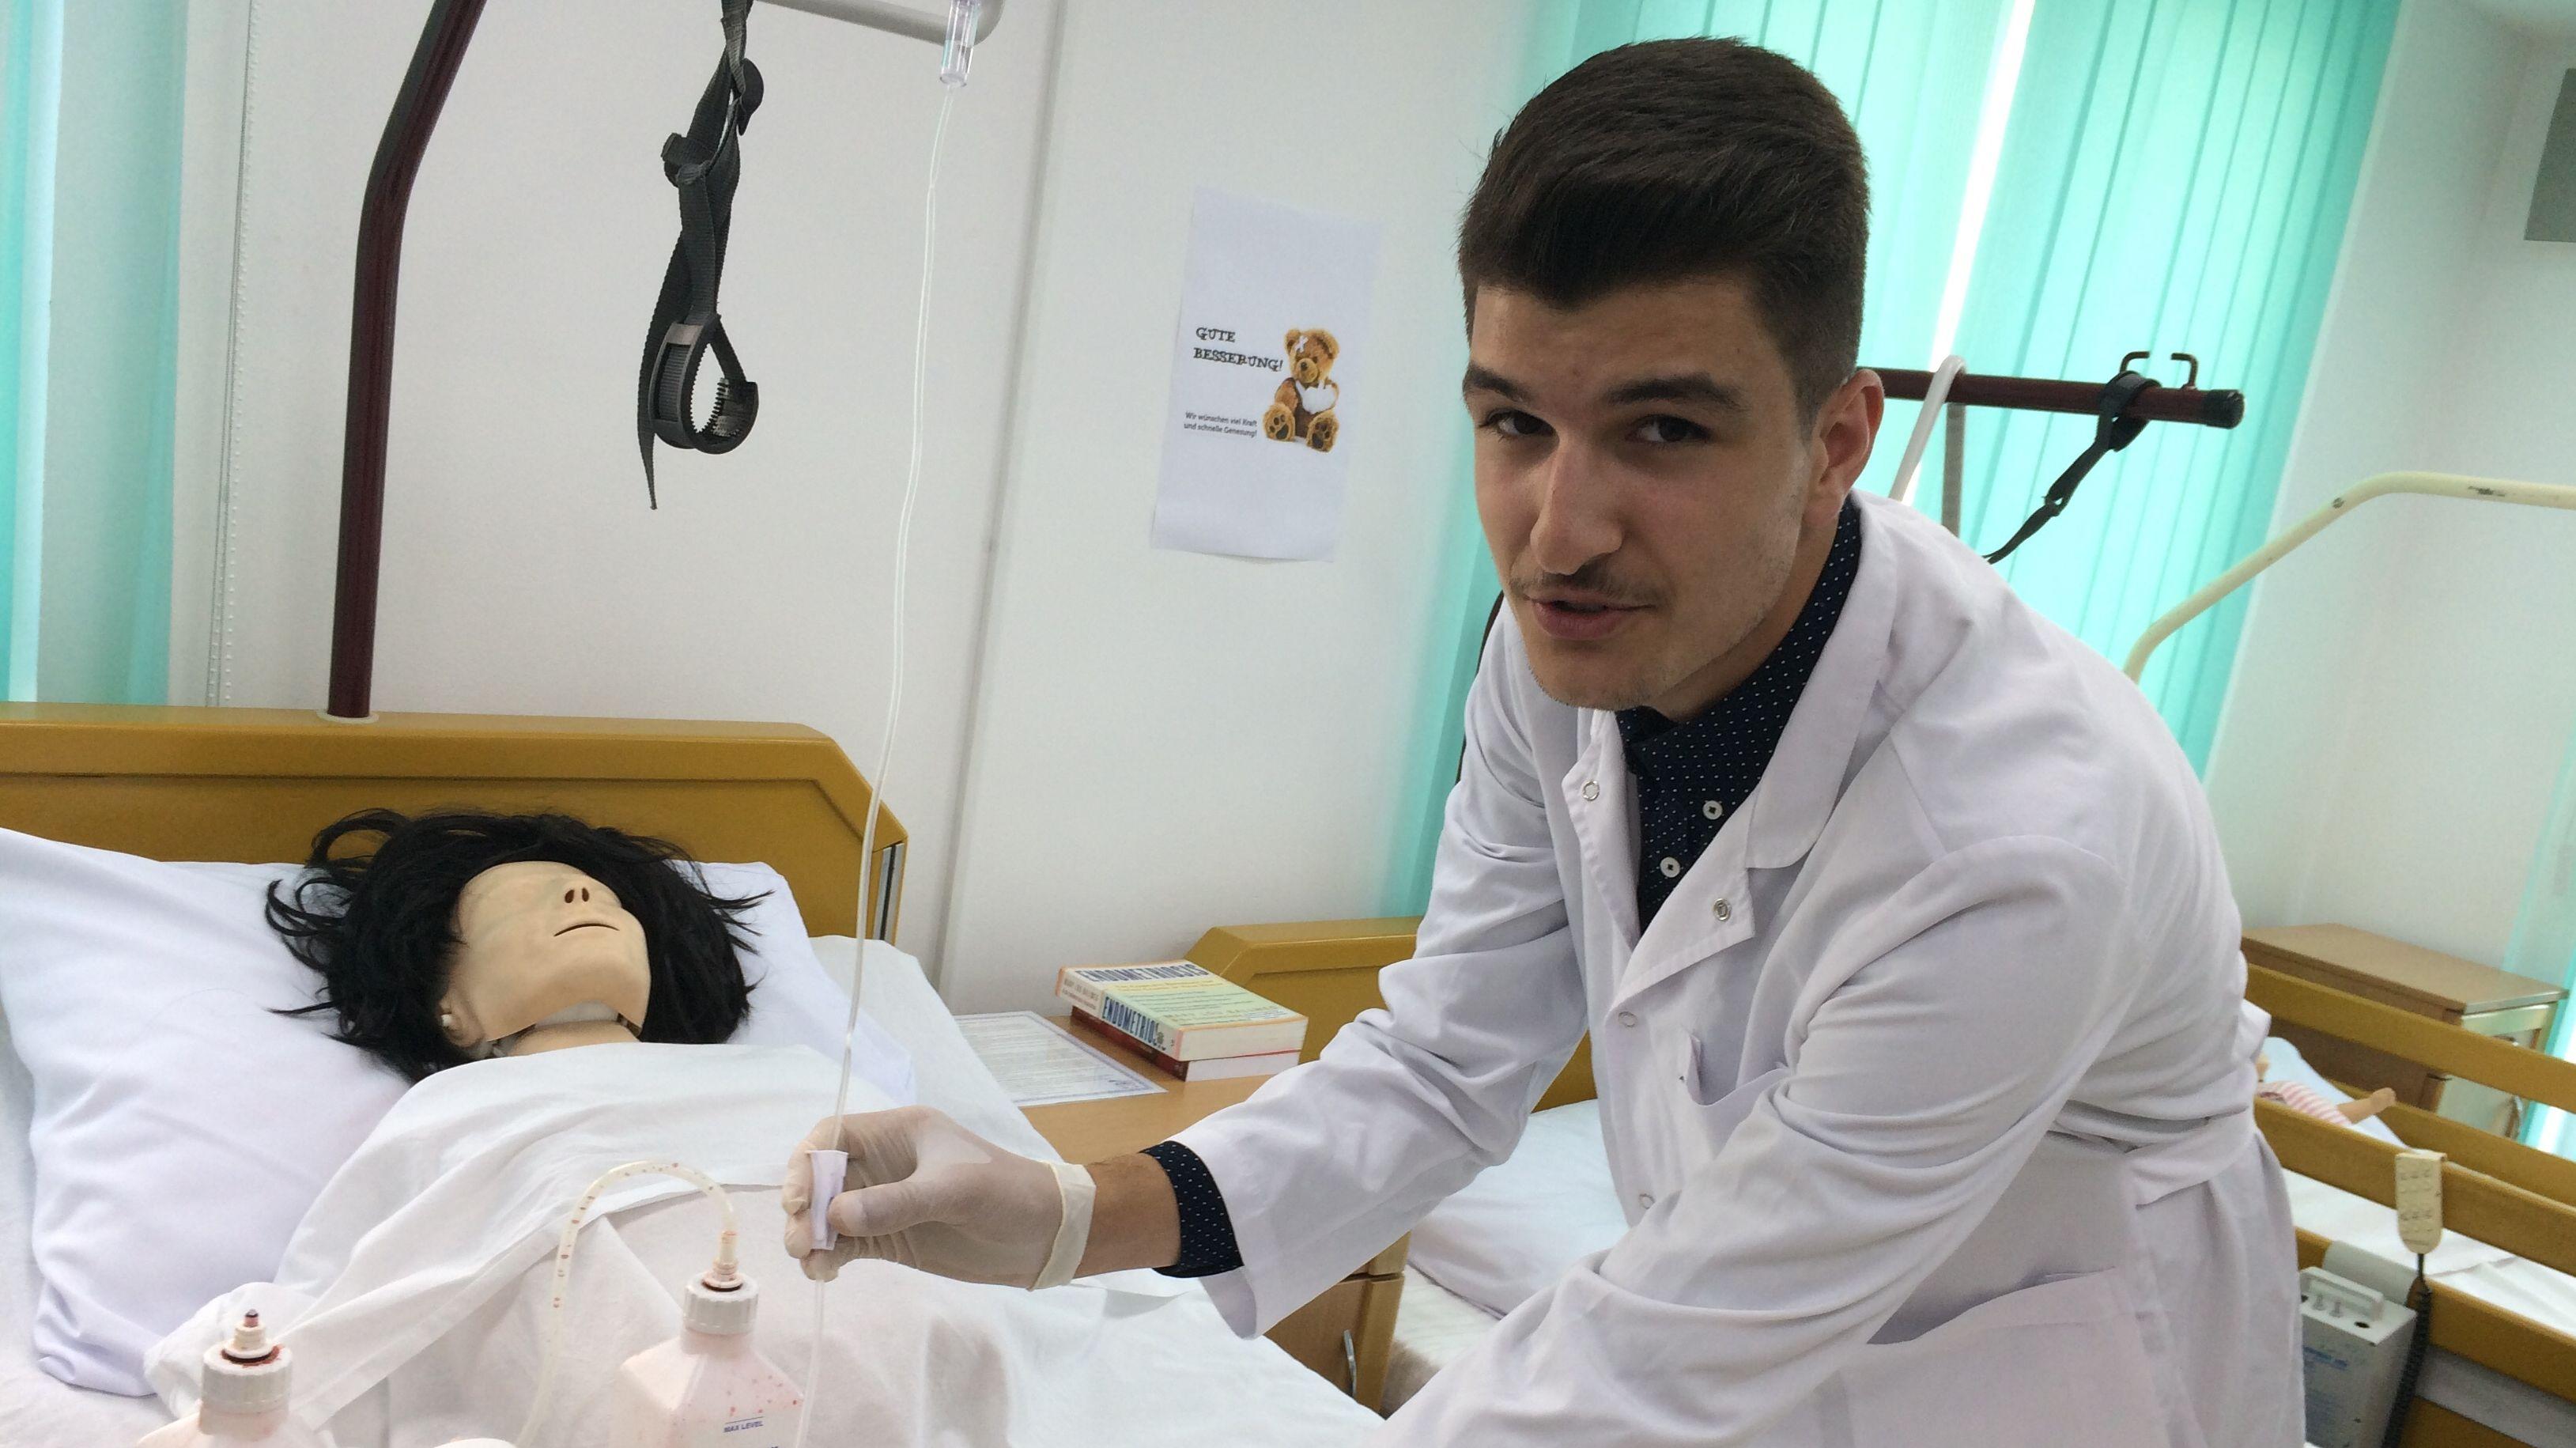 Qazim Halimi aus dem Kosovo will in Deutschland Pfleger werden